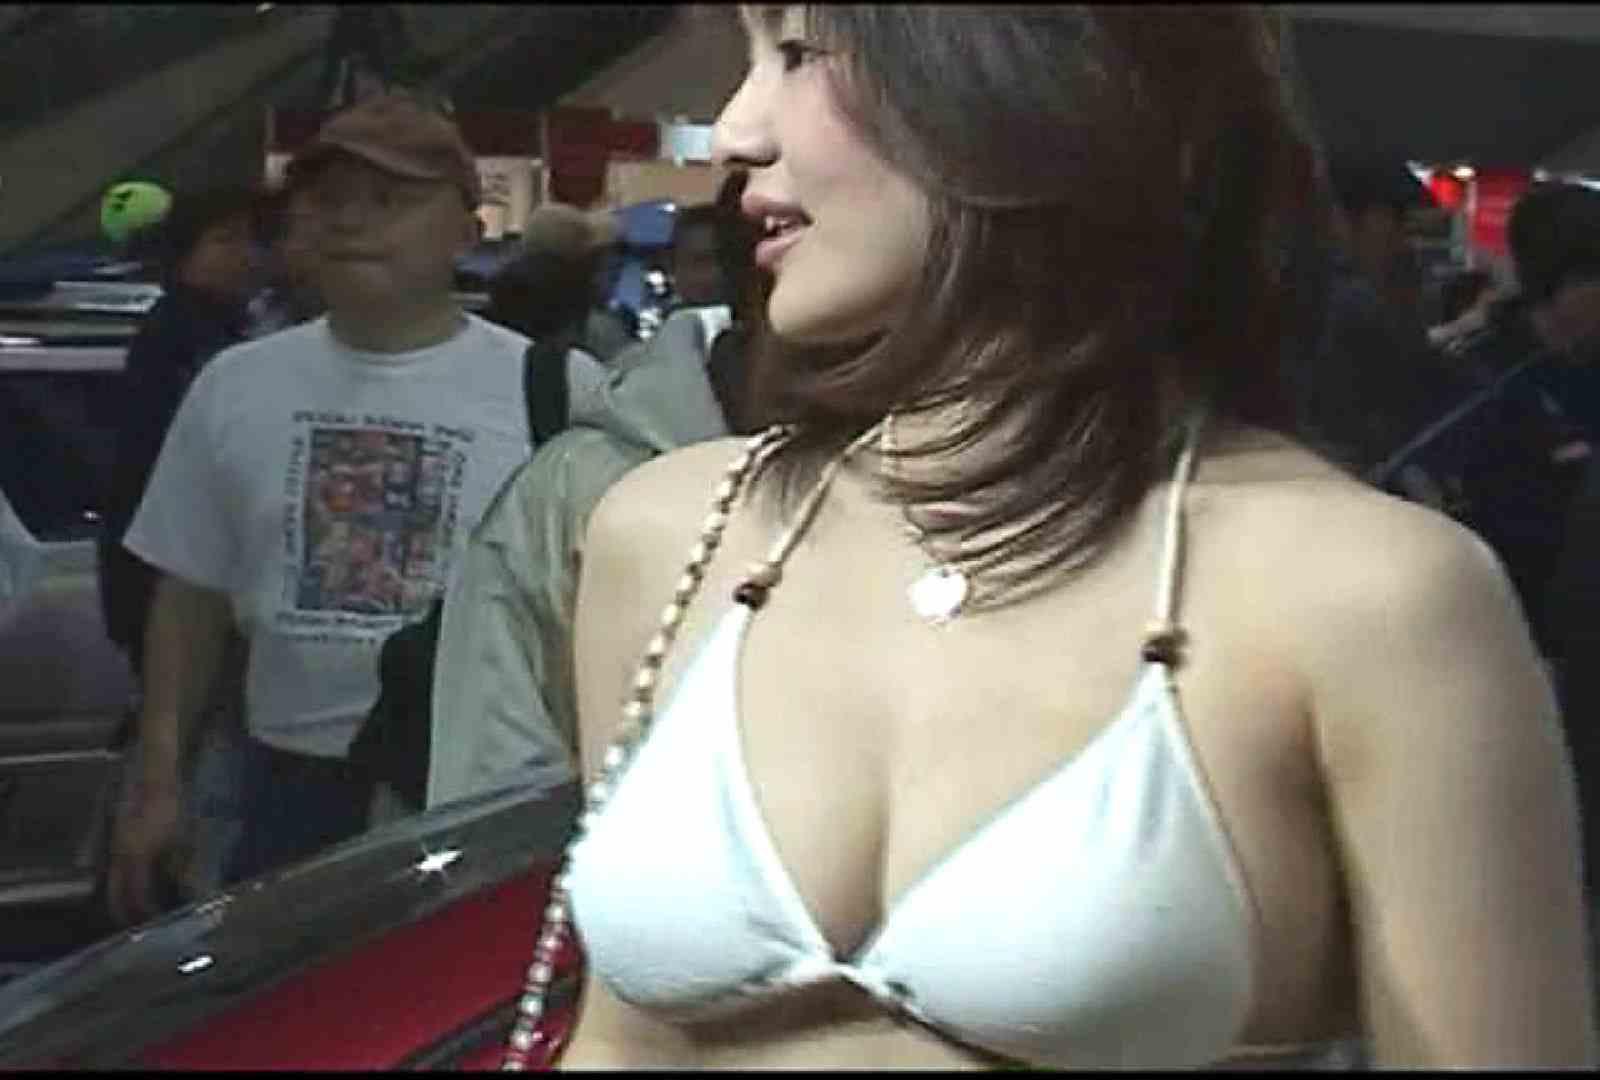 熱視線Vol.6 RQ 乳首ポロリ | OLセックス  58画像 49